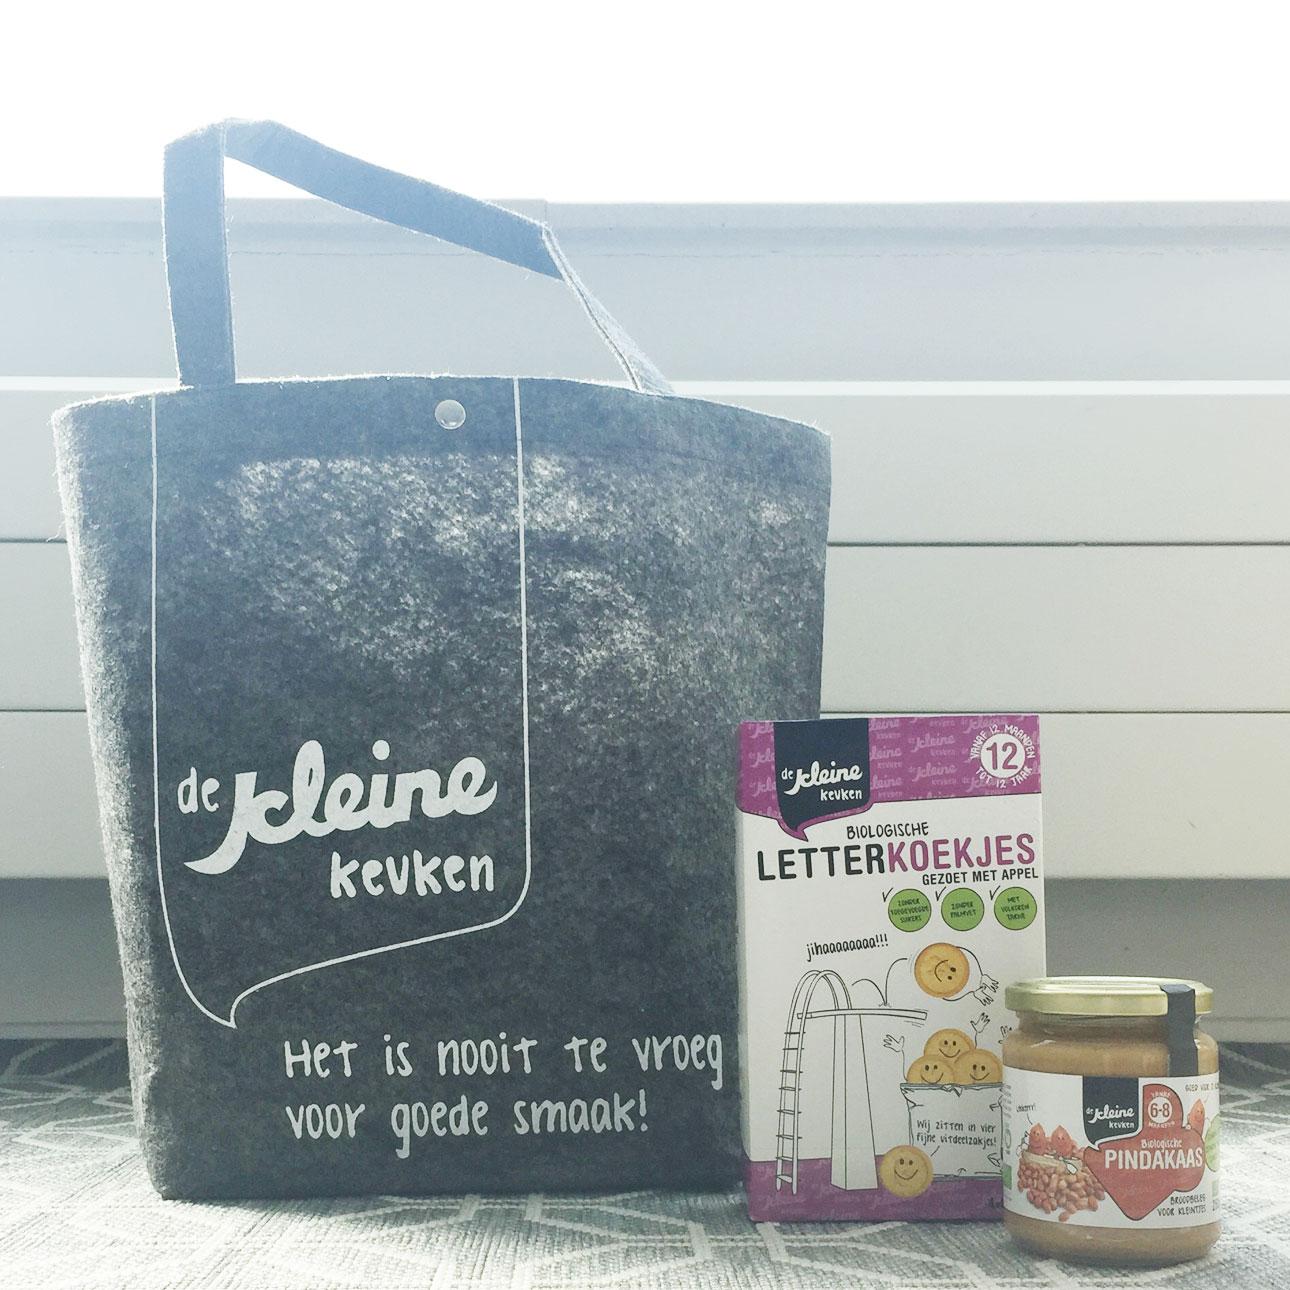 de kleine keuken goodiebag